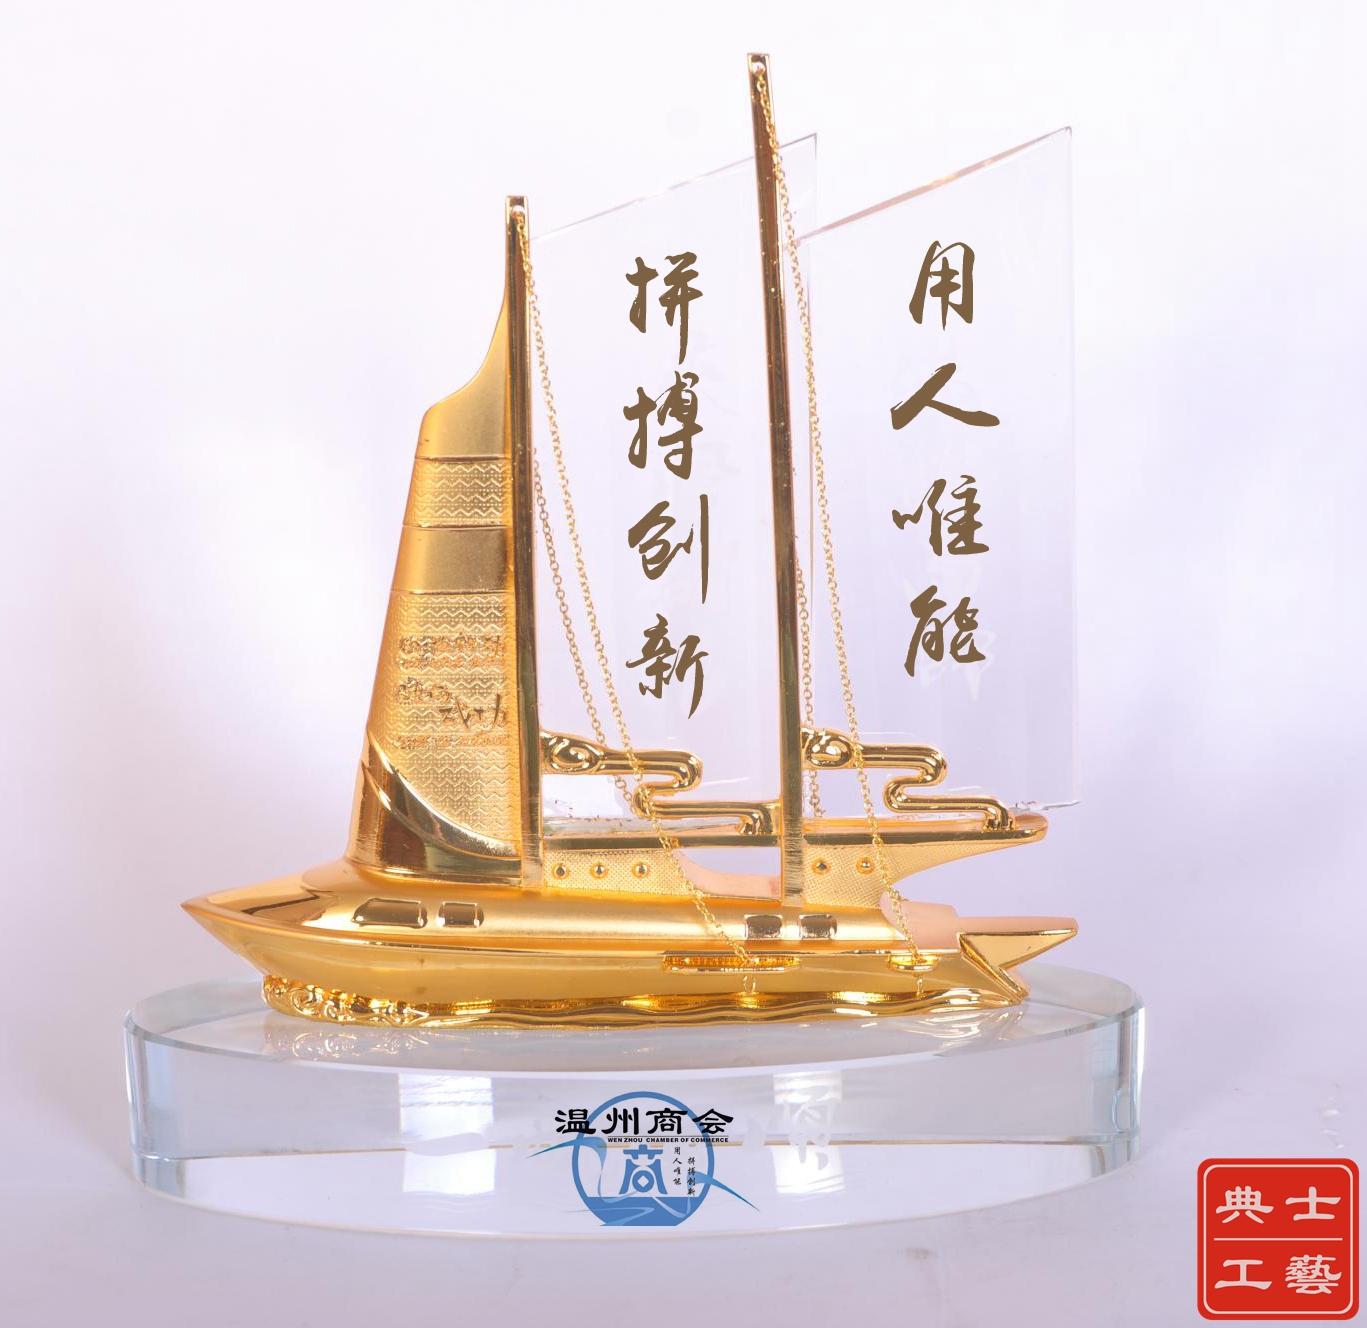 株洲商會年度工作會議禮品設計制作、年終總結大會紀念品定做廠家